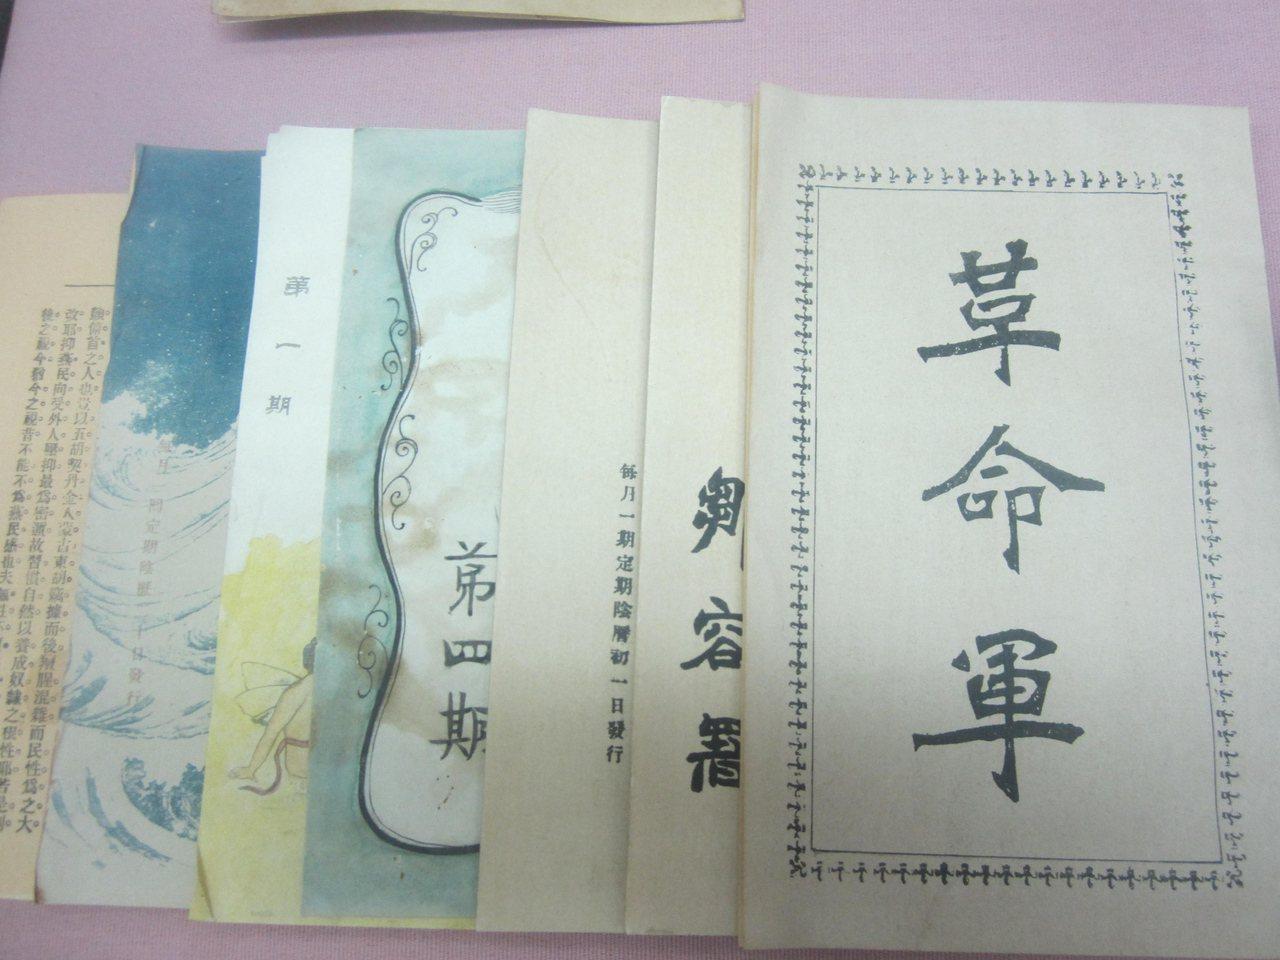 圖/臺灣商務出版提供